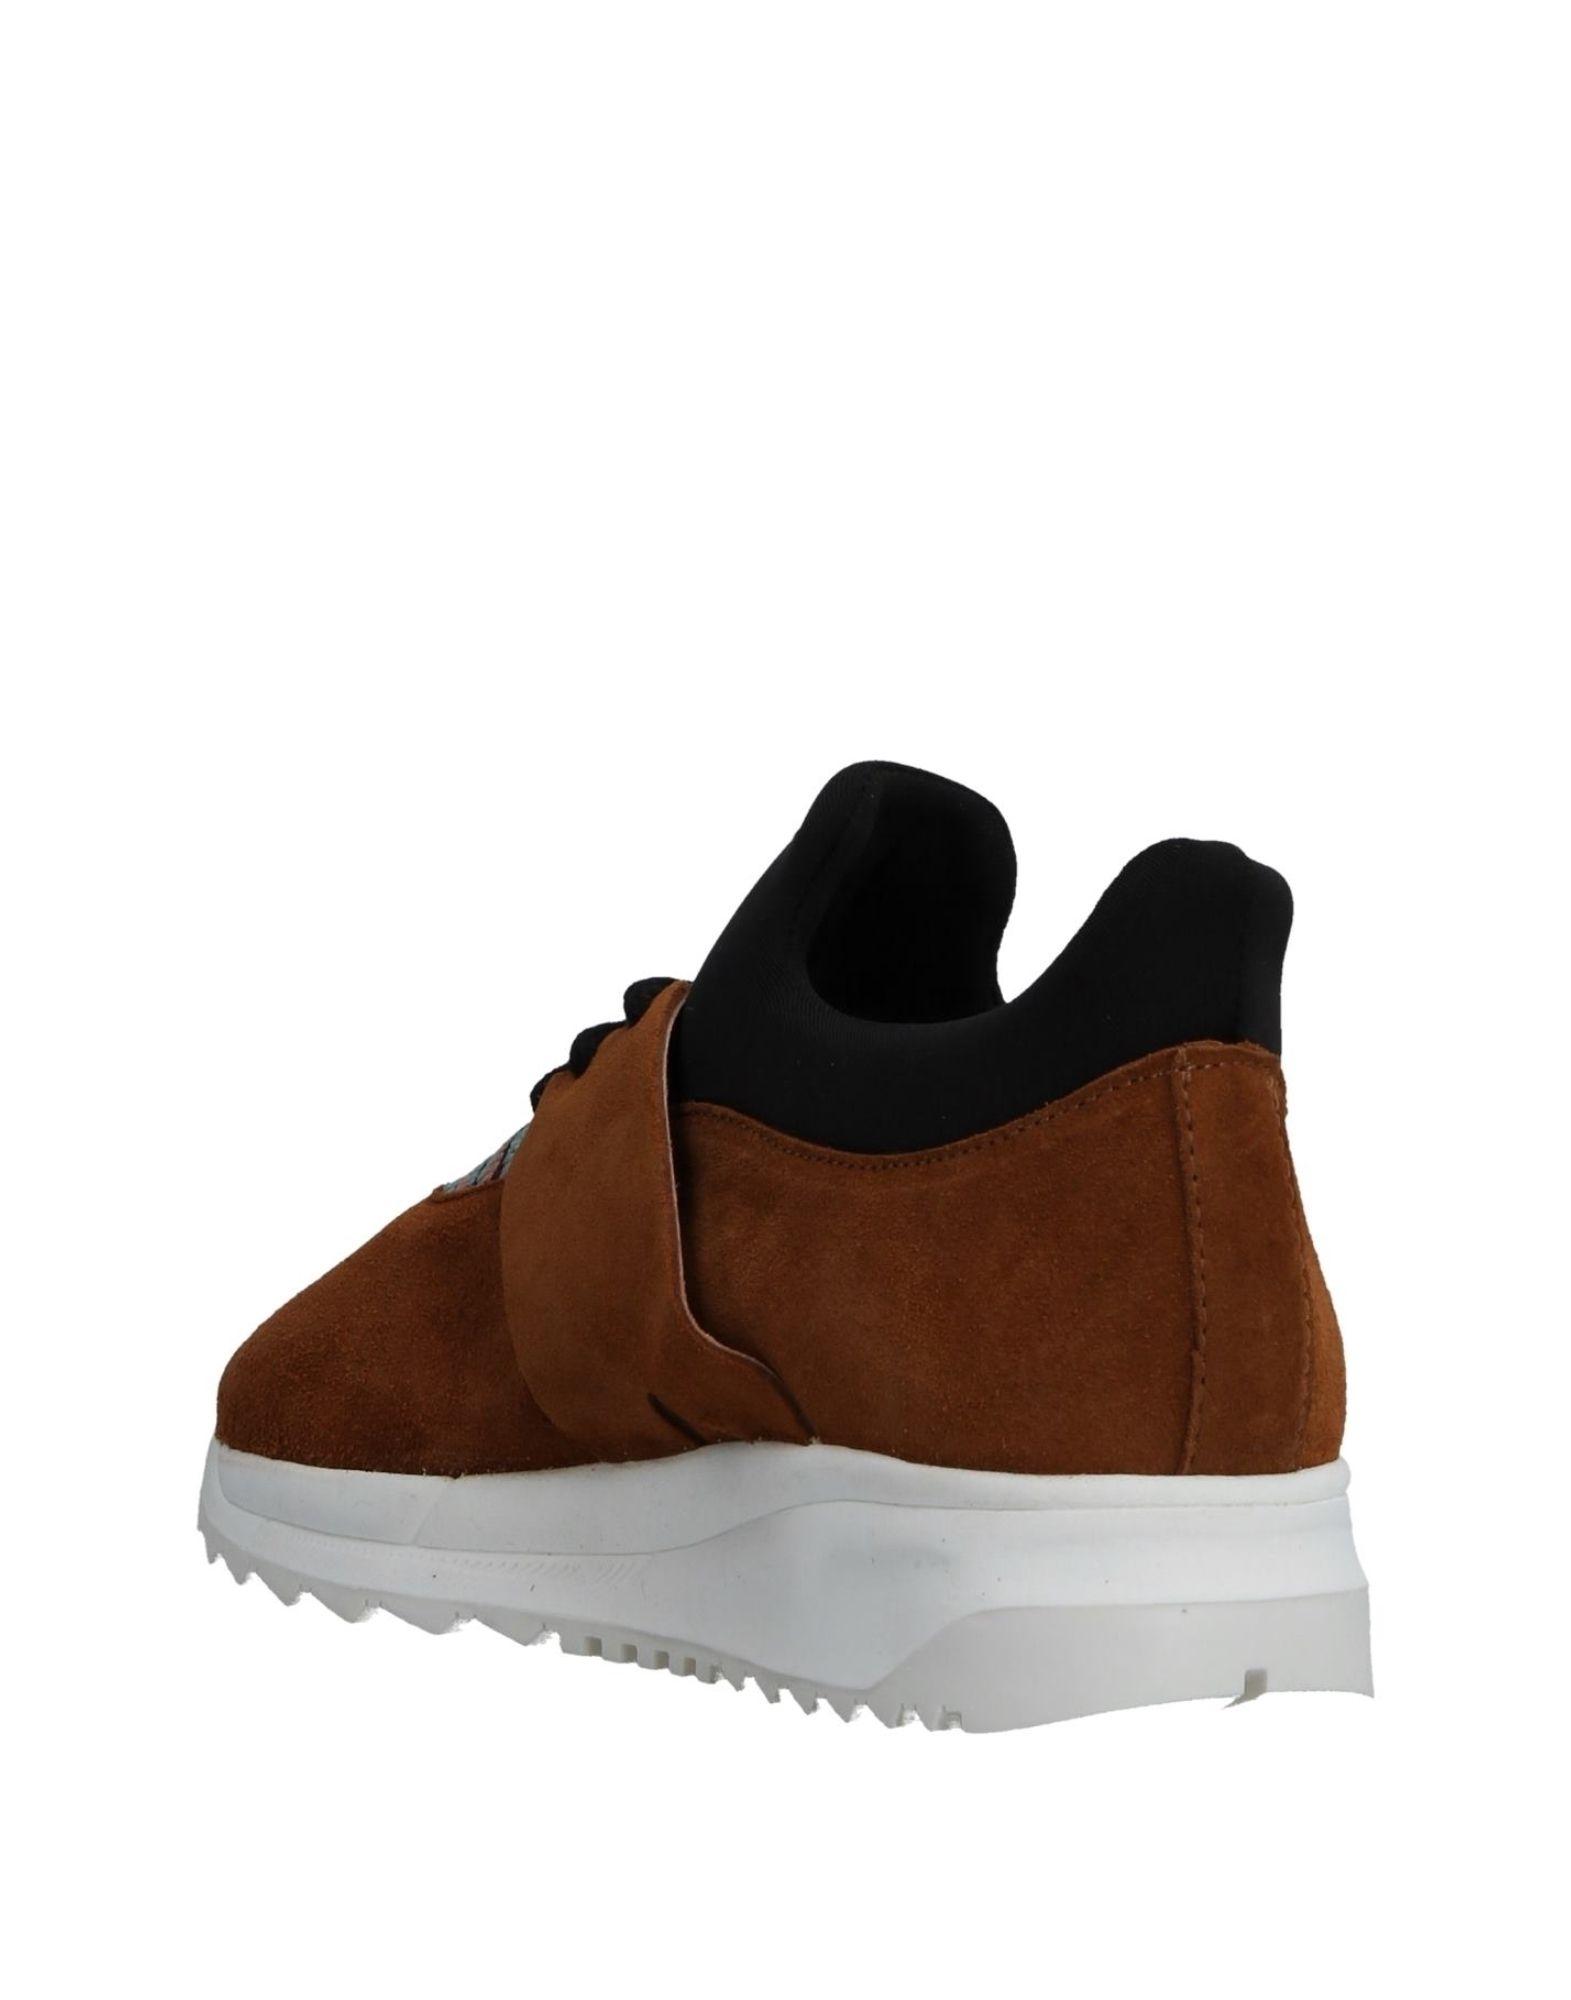 Dolfie Gute Sneakers Damen  11527969HH Gute Dolfie Qualität beliebte Schuhe 450983